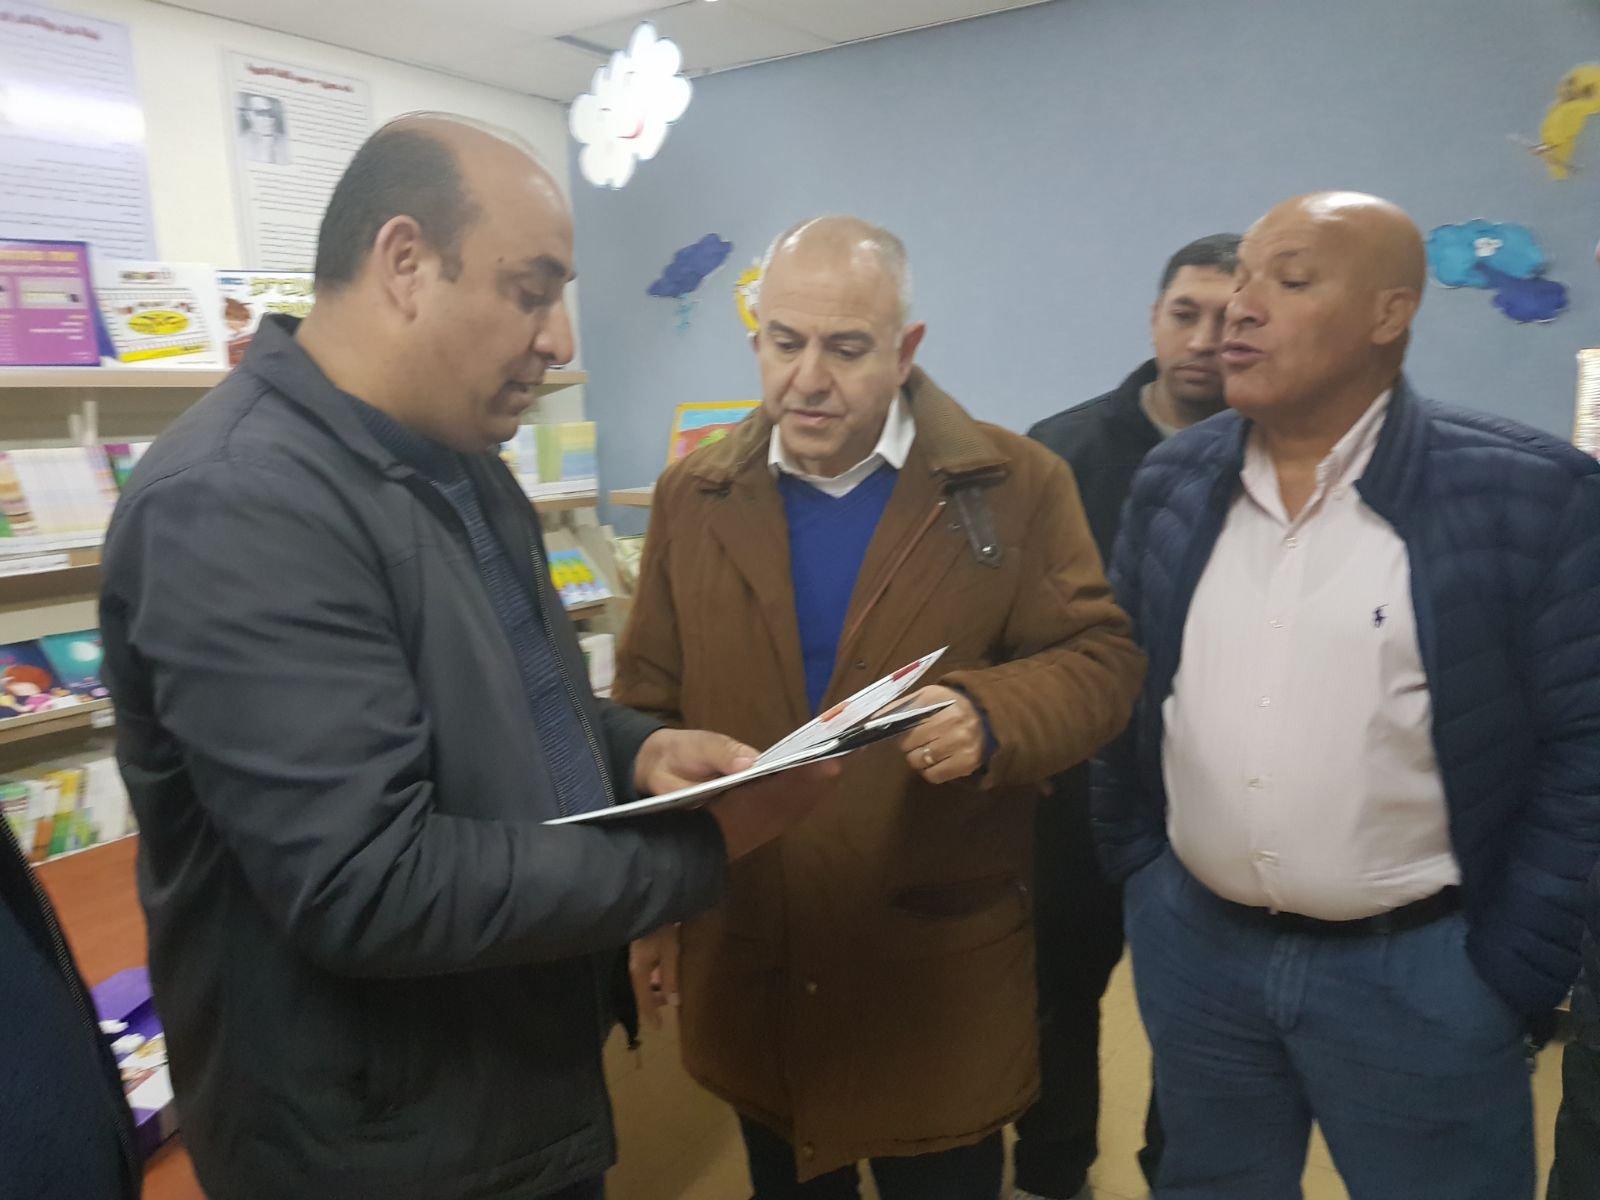 جولة المدير العام للوزارة شموئيل ابواب في مؤسّسات التّعليم في البلدات البدوية في الجنوب